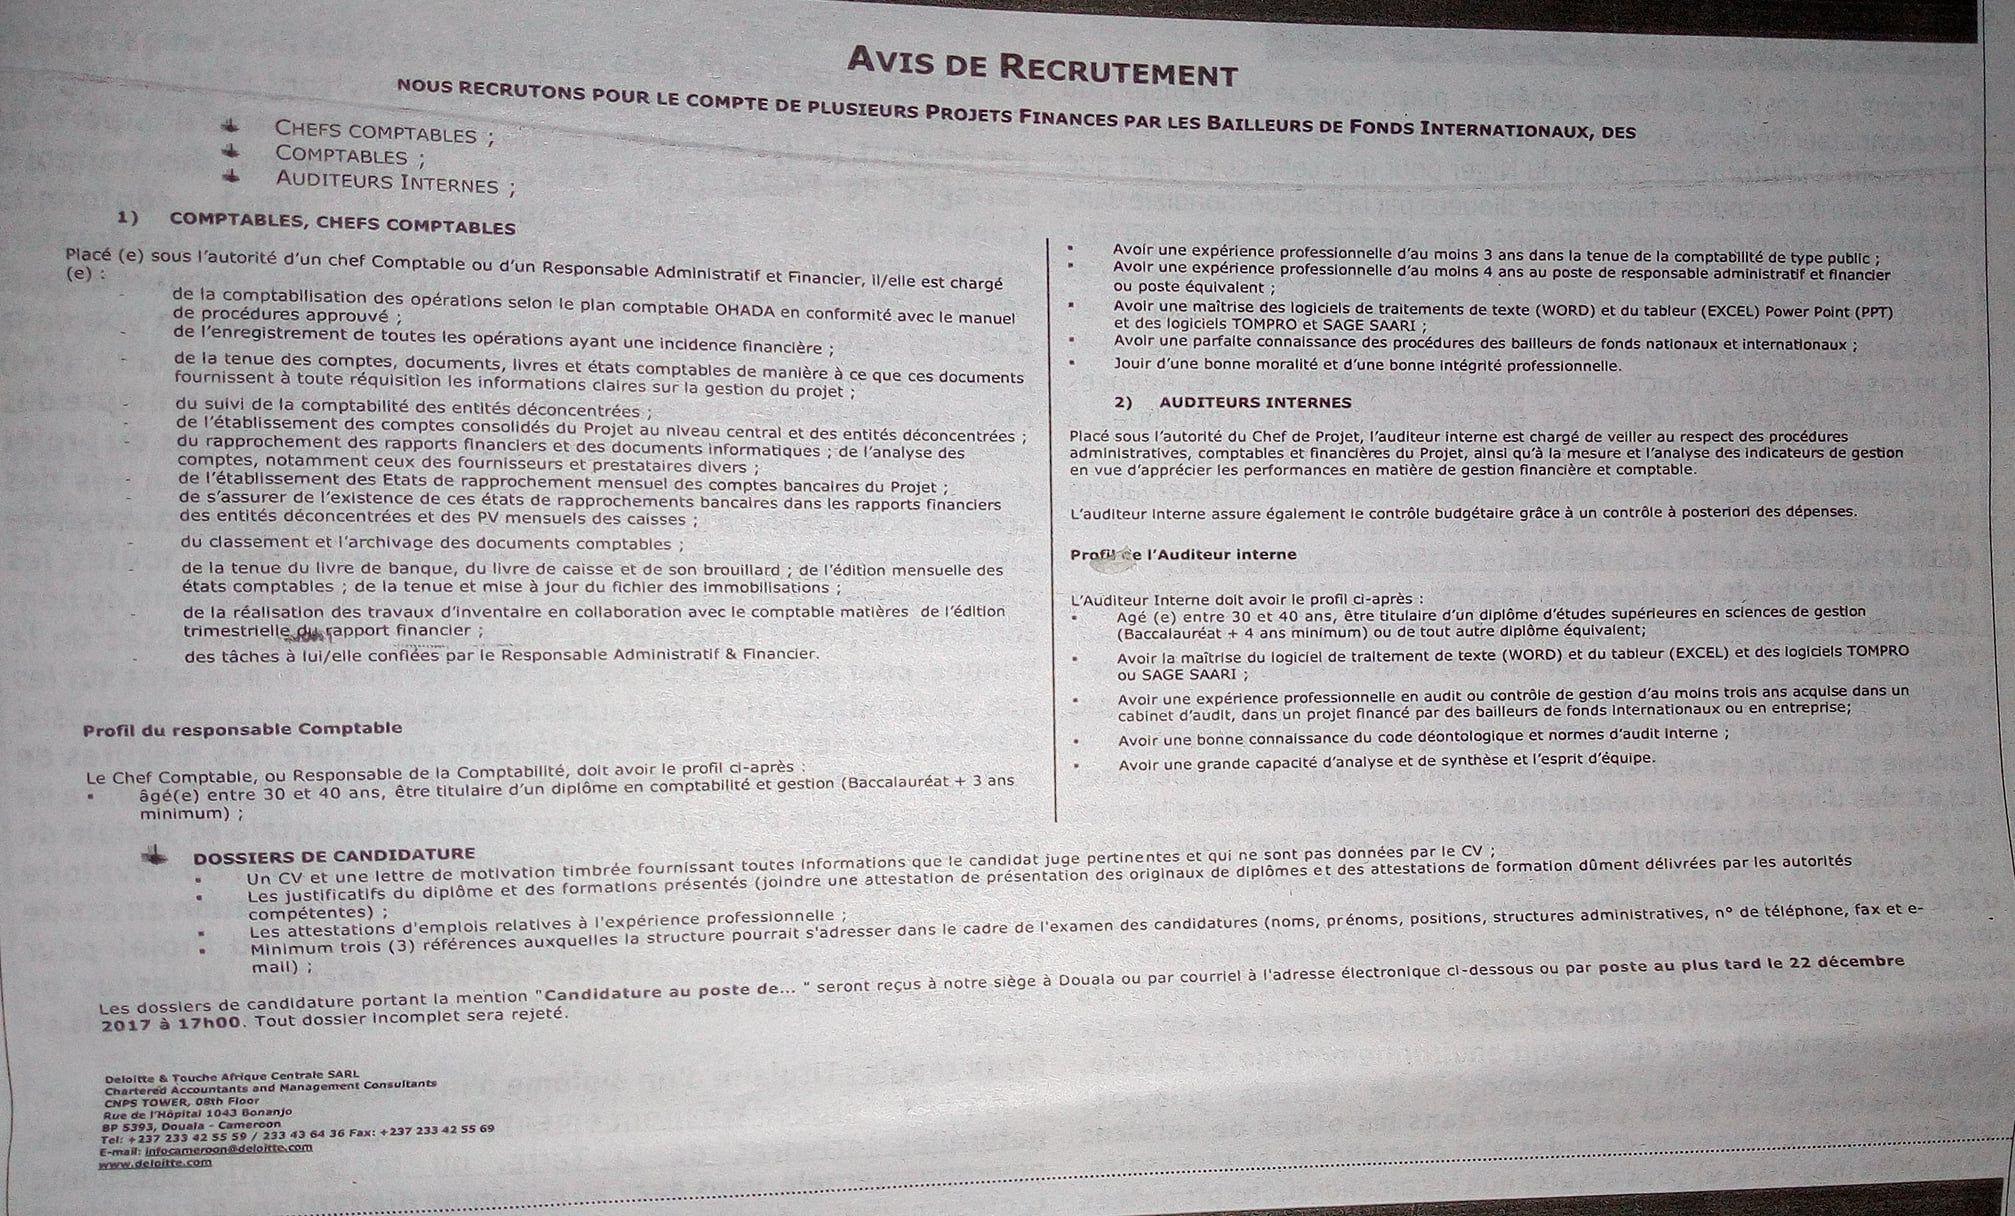 avis de recrutements massifs   comptables  chefs comptables  auditeurs internes  u00e0 deloitte